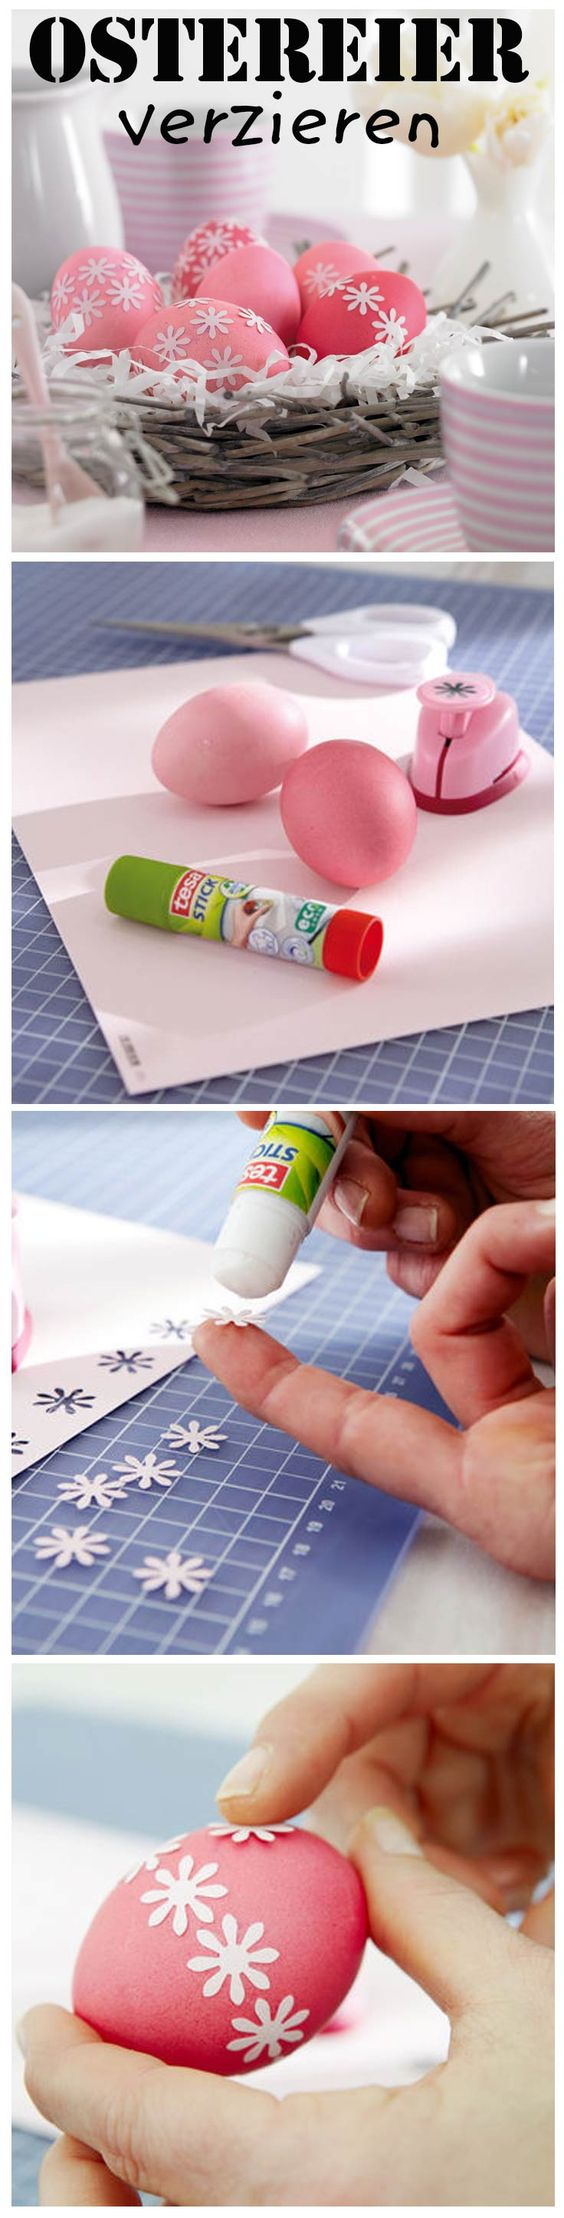 Mit einem Motivstanzer (zum Beispiel Blümchen) kannst du bunte Ostereier noch hübscher machen. Wir zeigen, wie man die Eier ganz fix verziert.